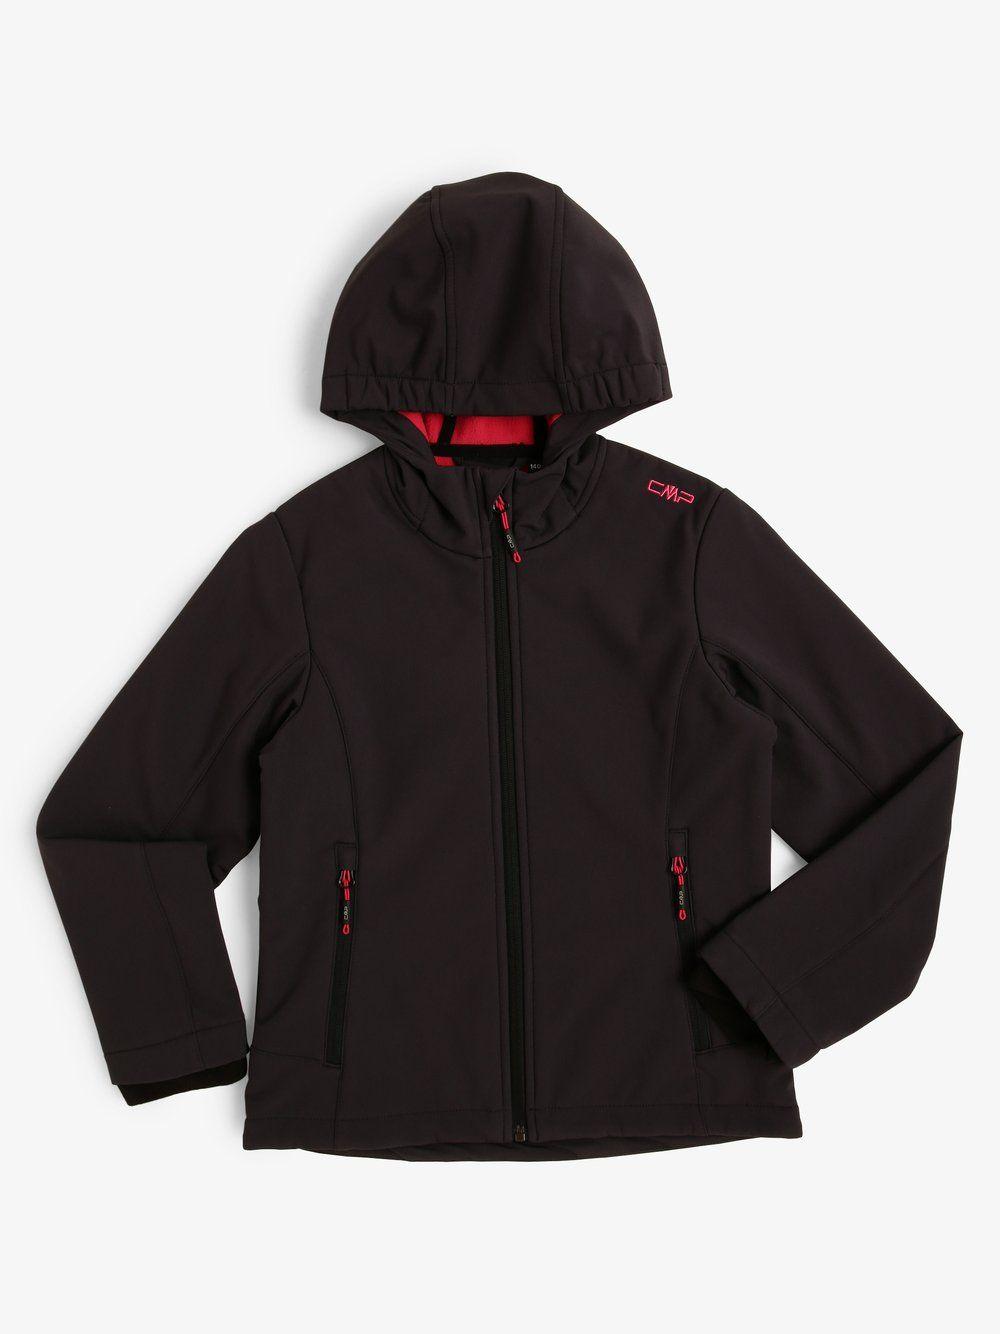 CMP Funktionsjacke grau | Jacken, Mädchen trends und Mädchen